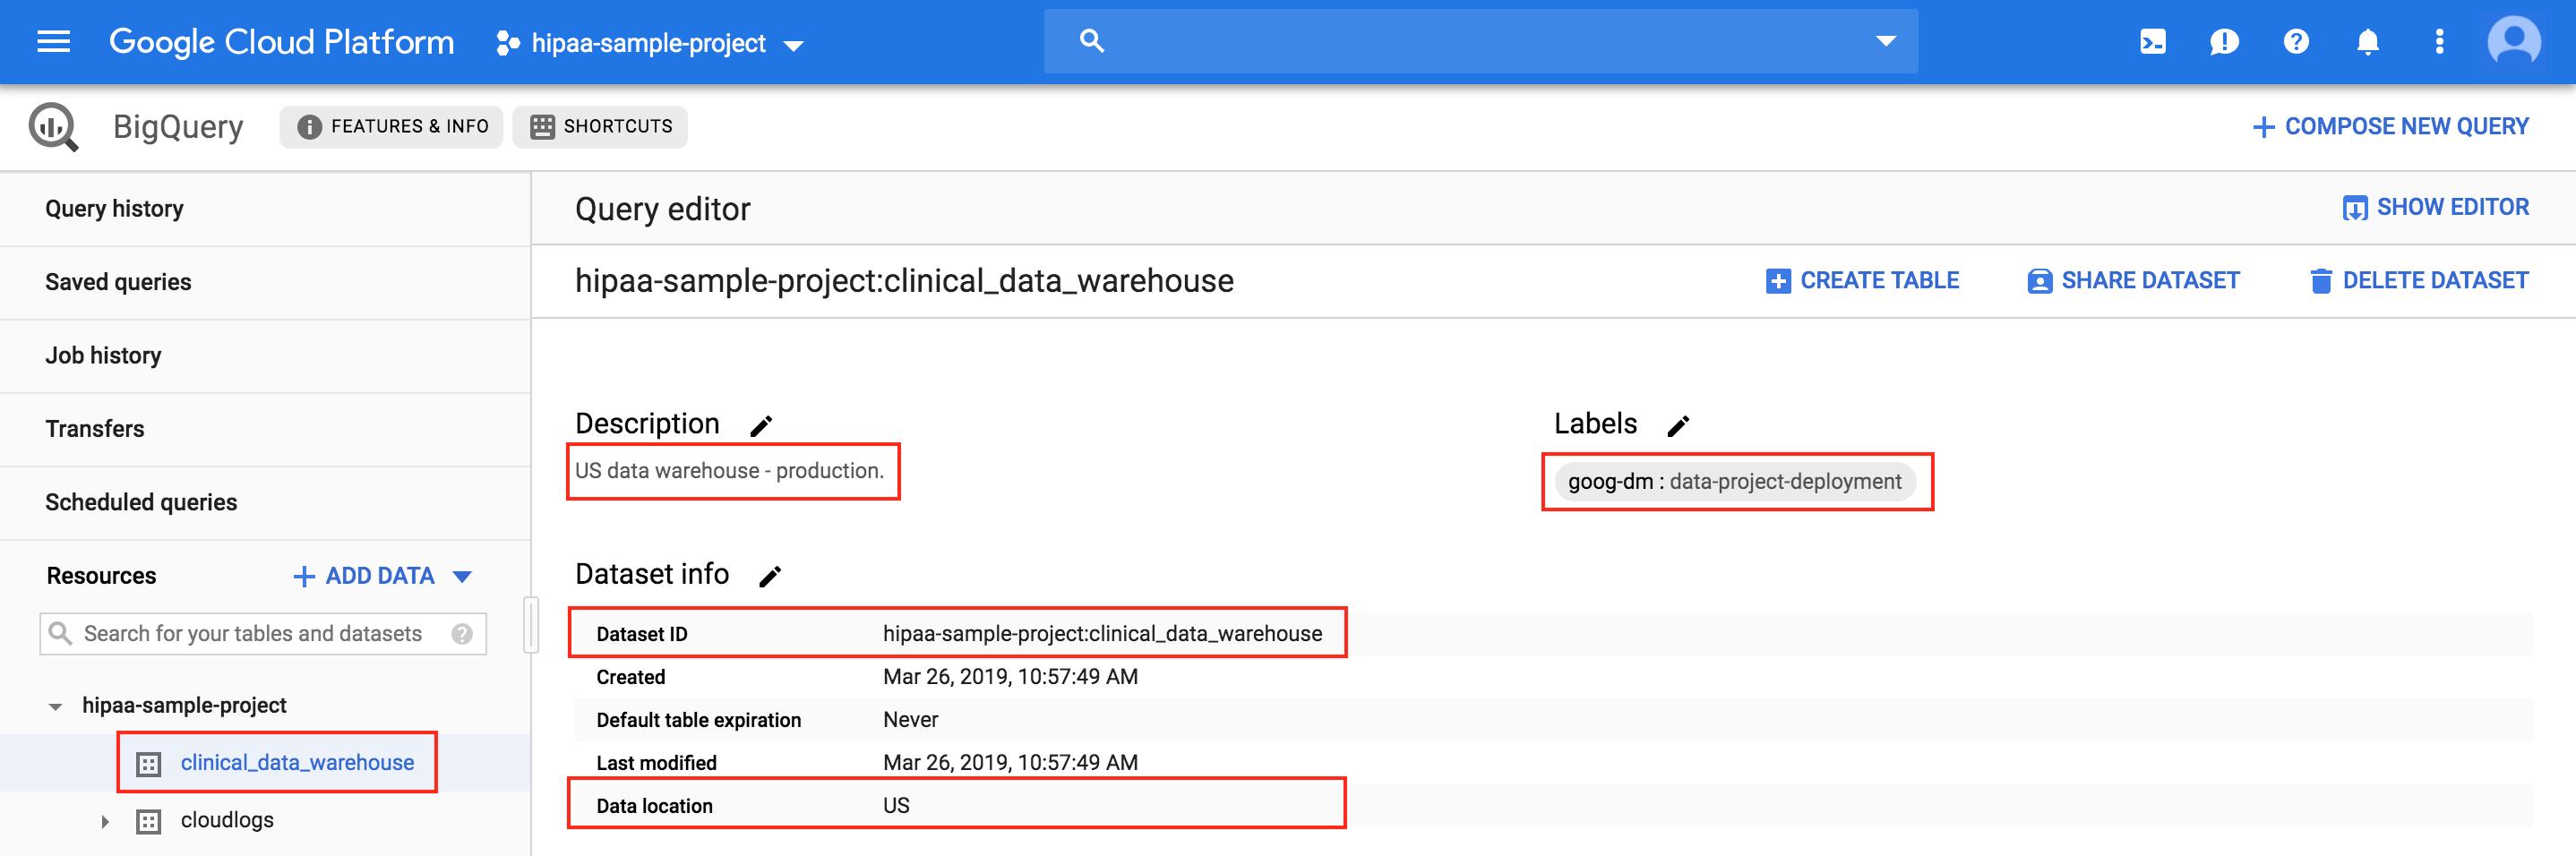 BigQuery muestra los conjuntos de datos creados recientemente